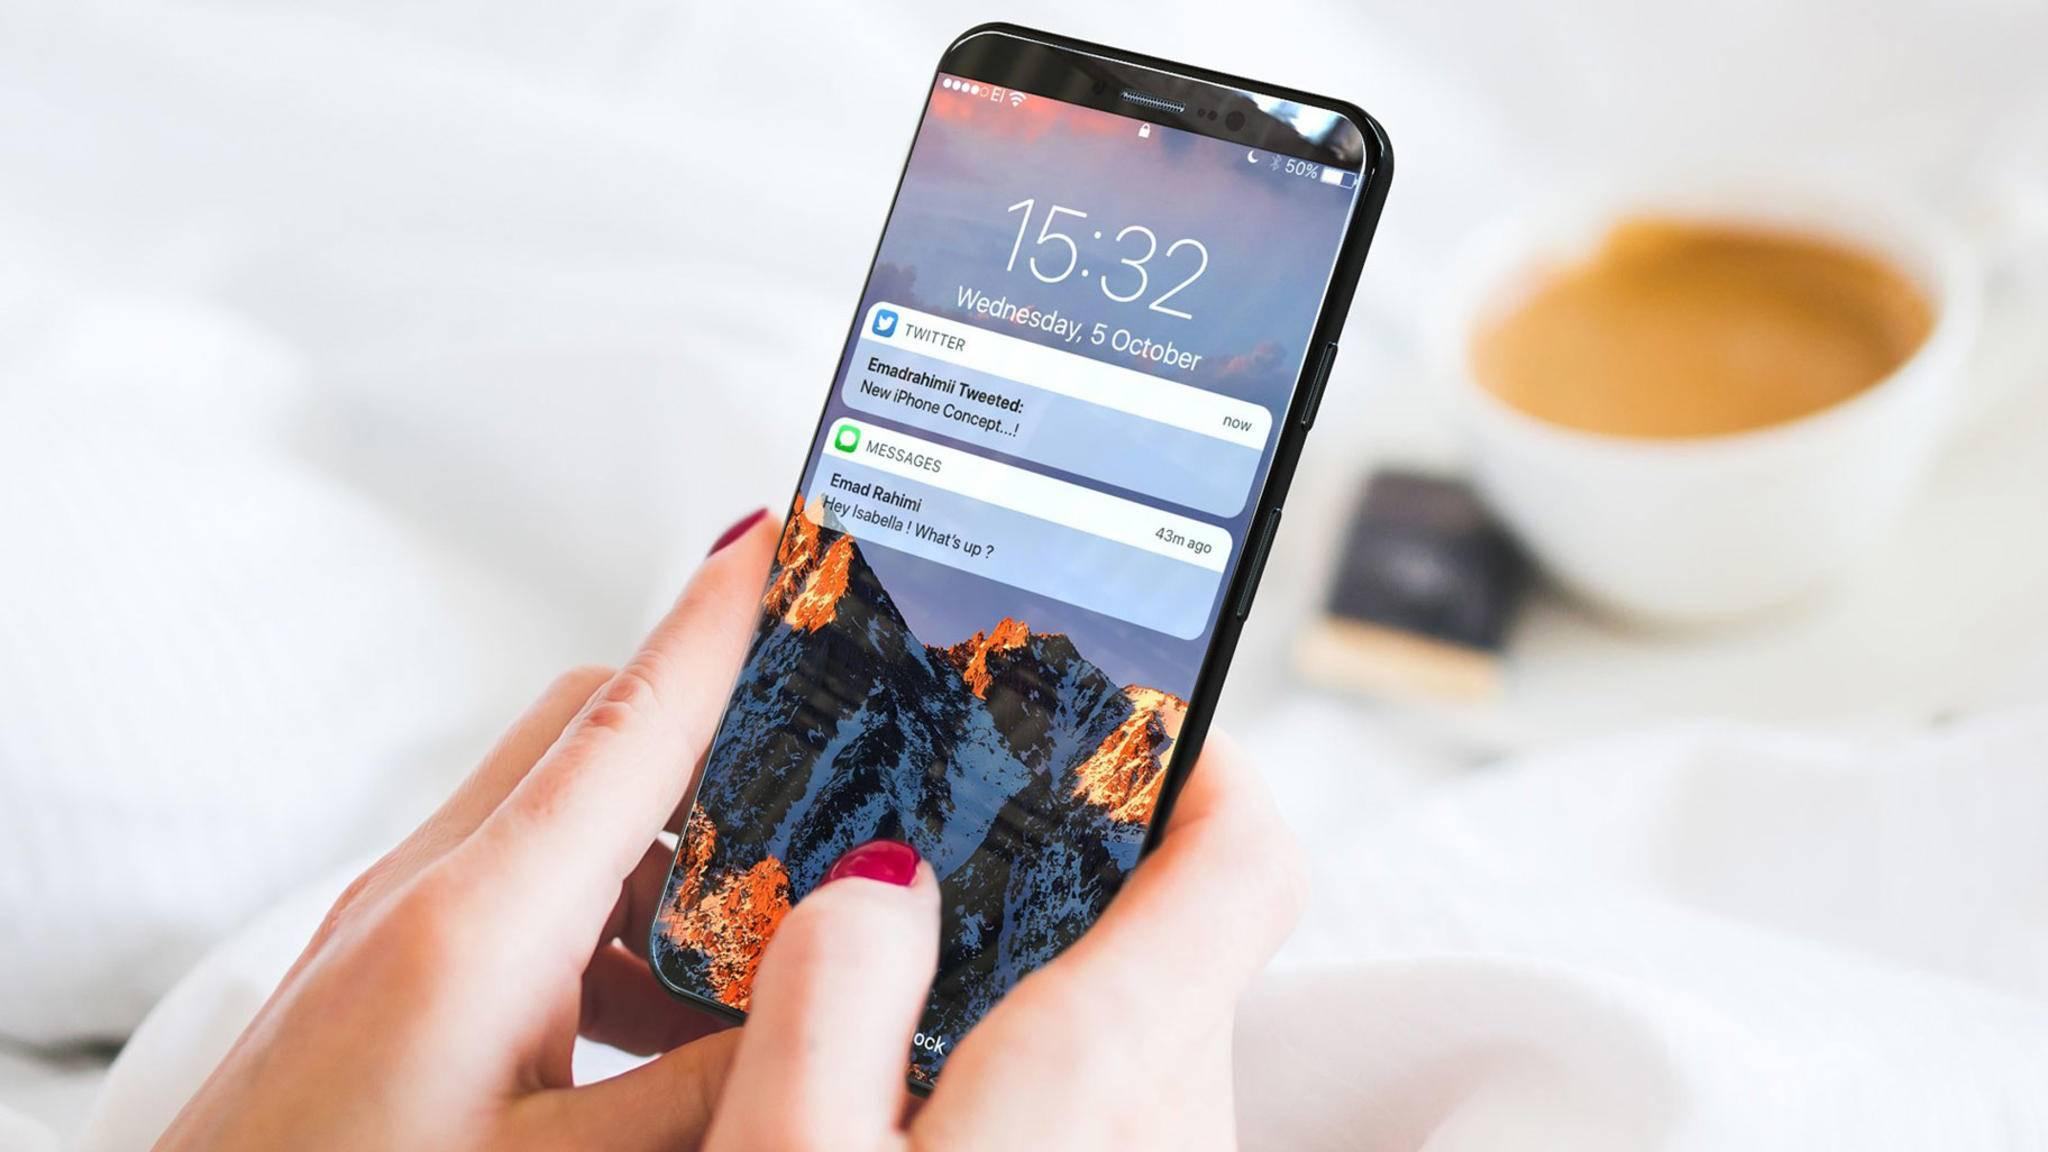 Das iPhone 8 wird kein so schnelles mobiles Internet bieten wie etwa das Galaxy S8.